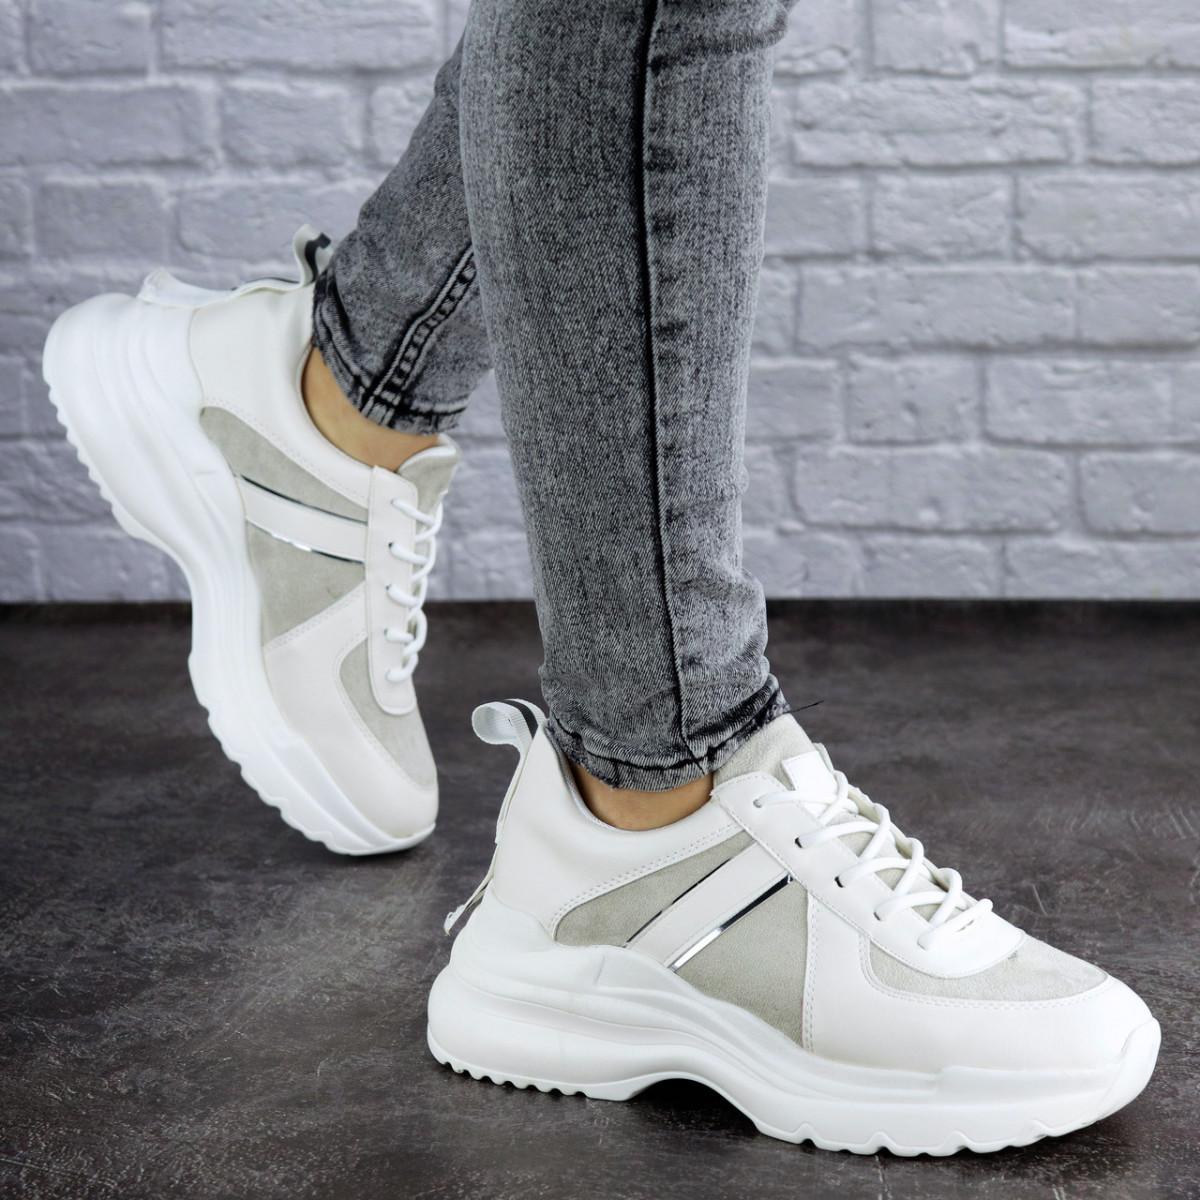 Женские кроссовки белые Peanut 2024 (36 размер)